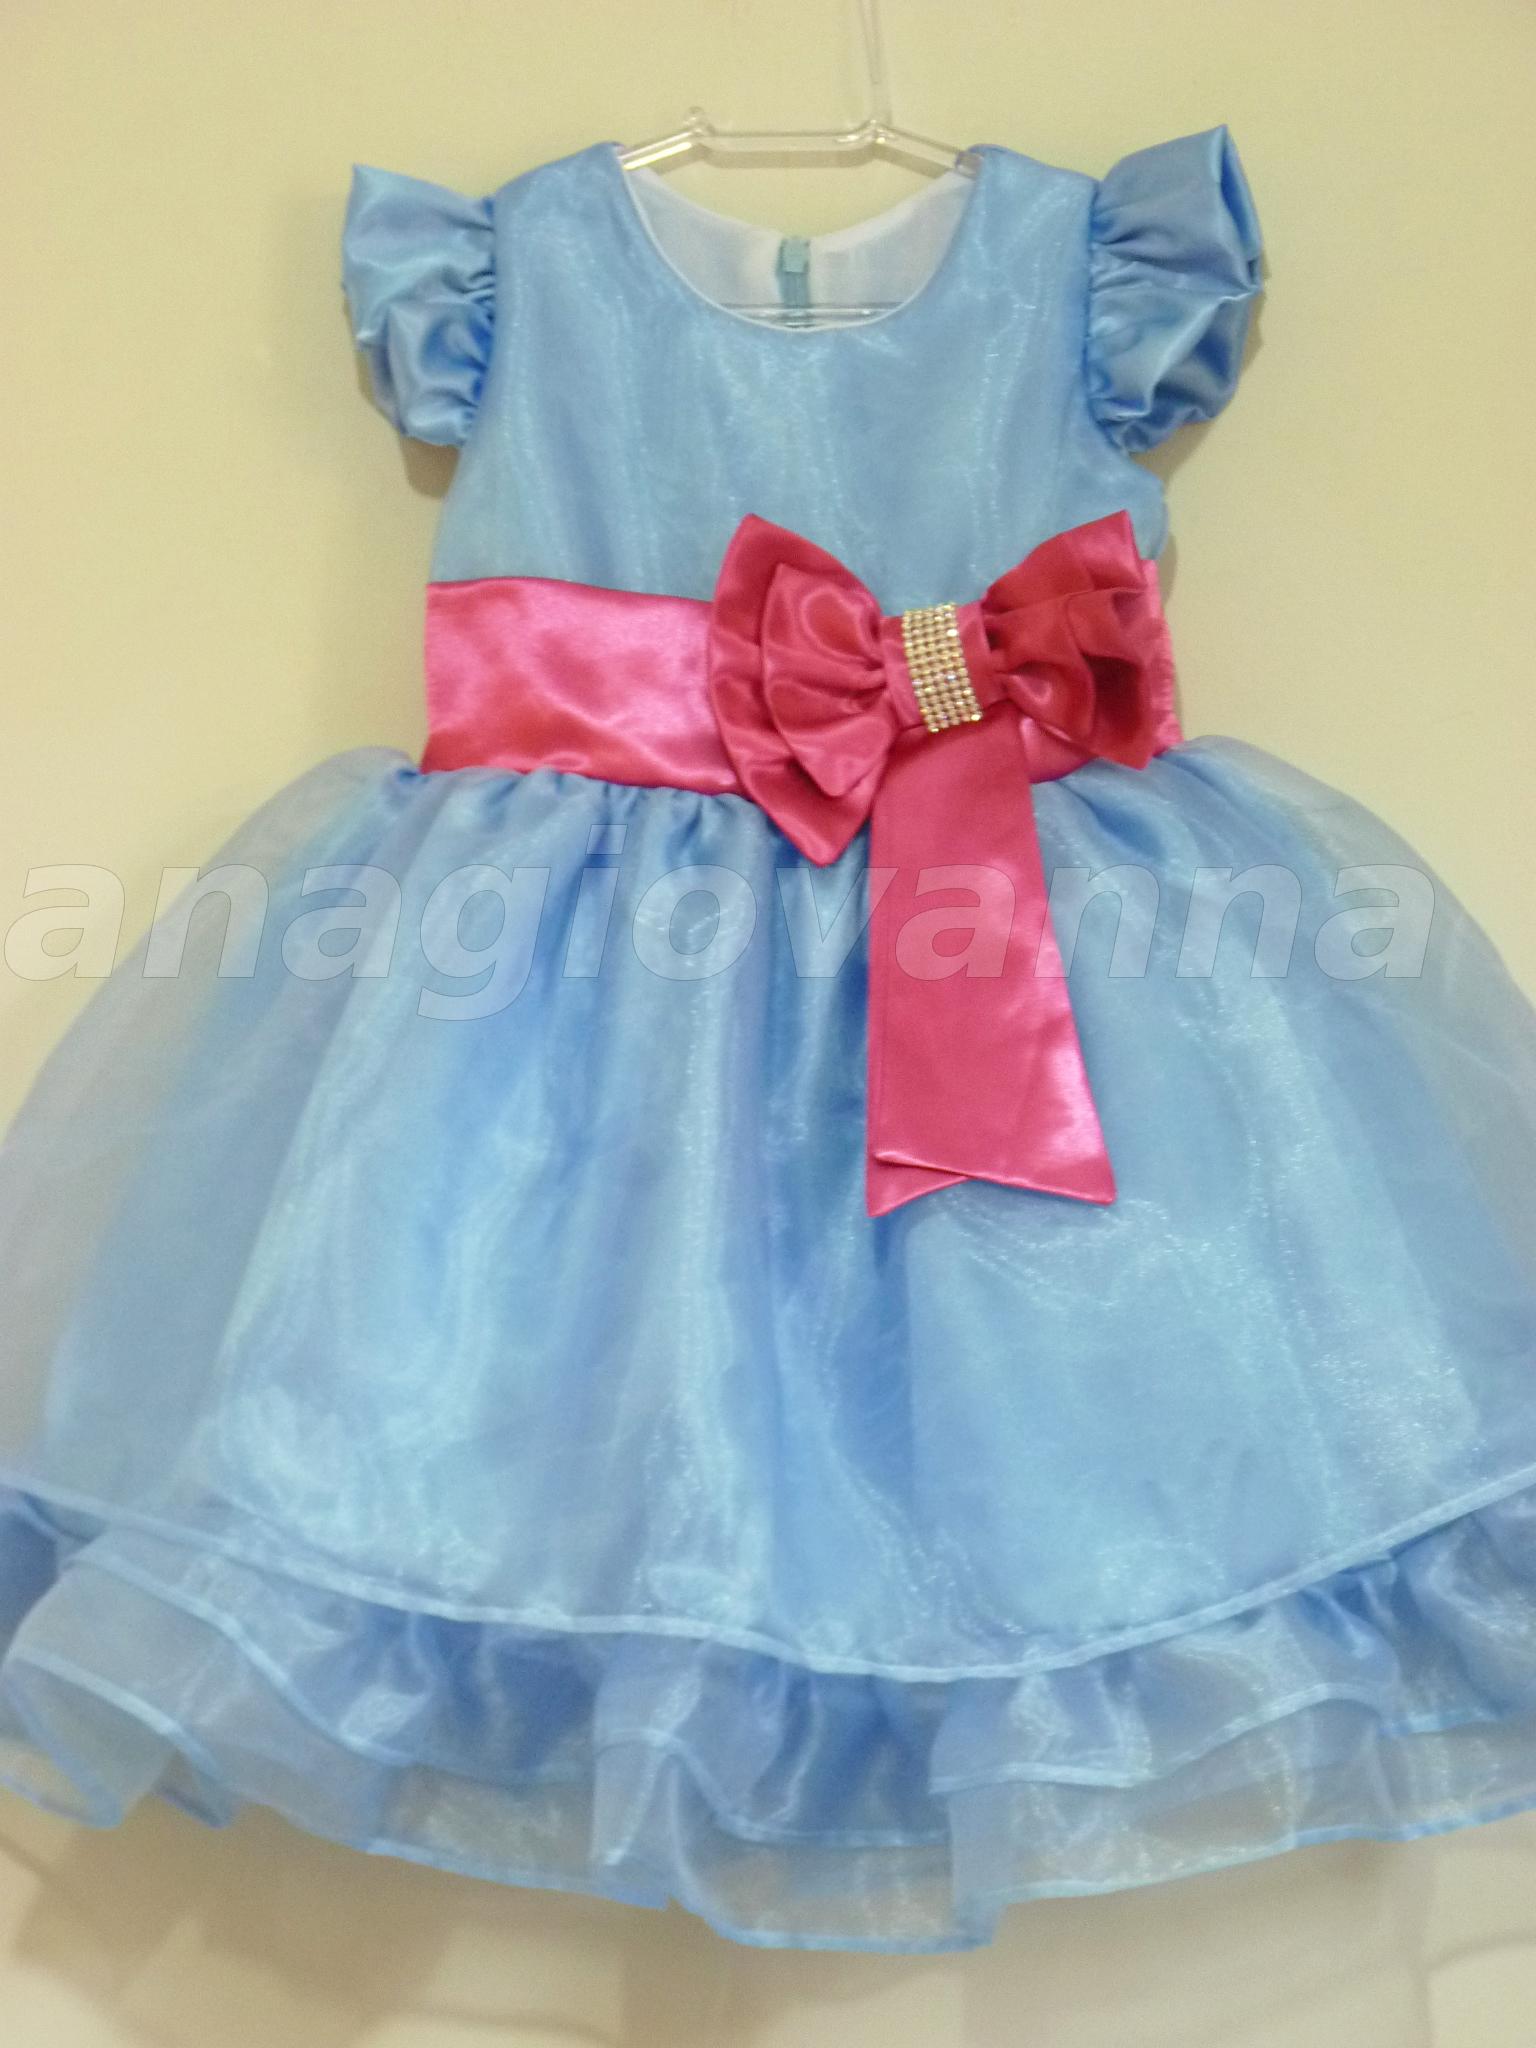 52fb60e1a Vestido Infantil Azul e Rosa no Elo7